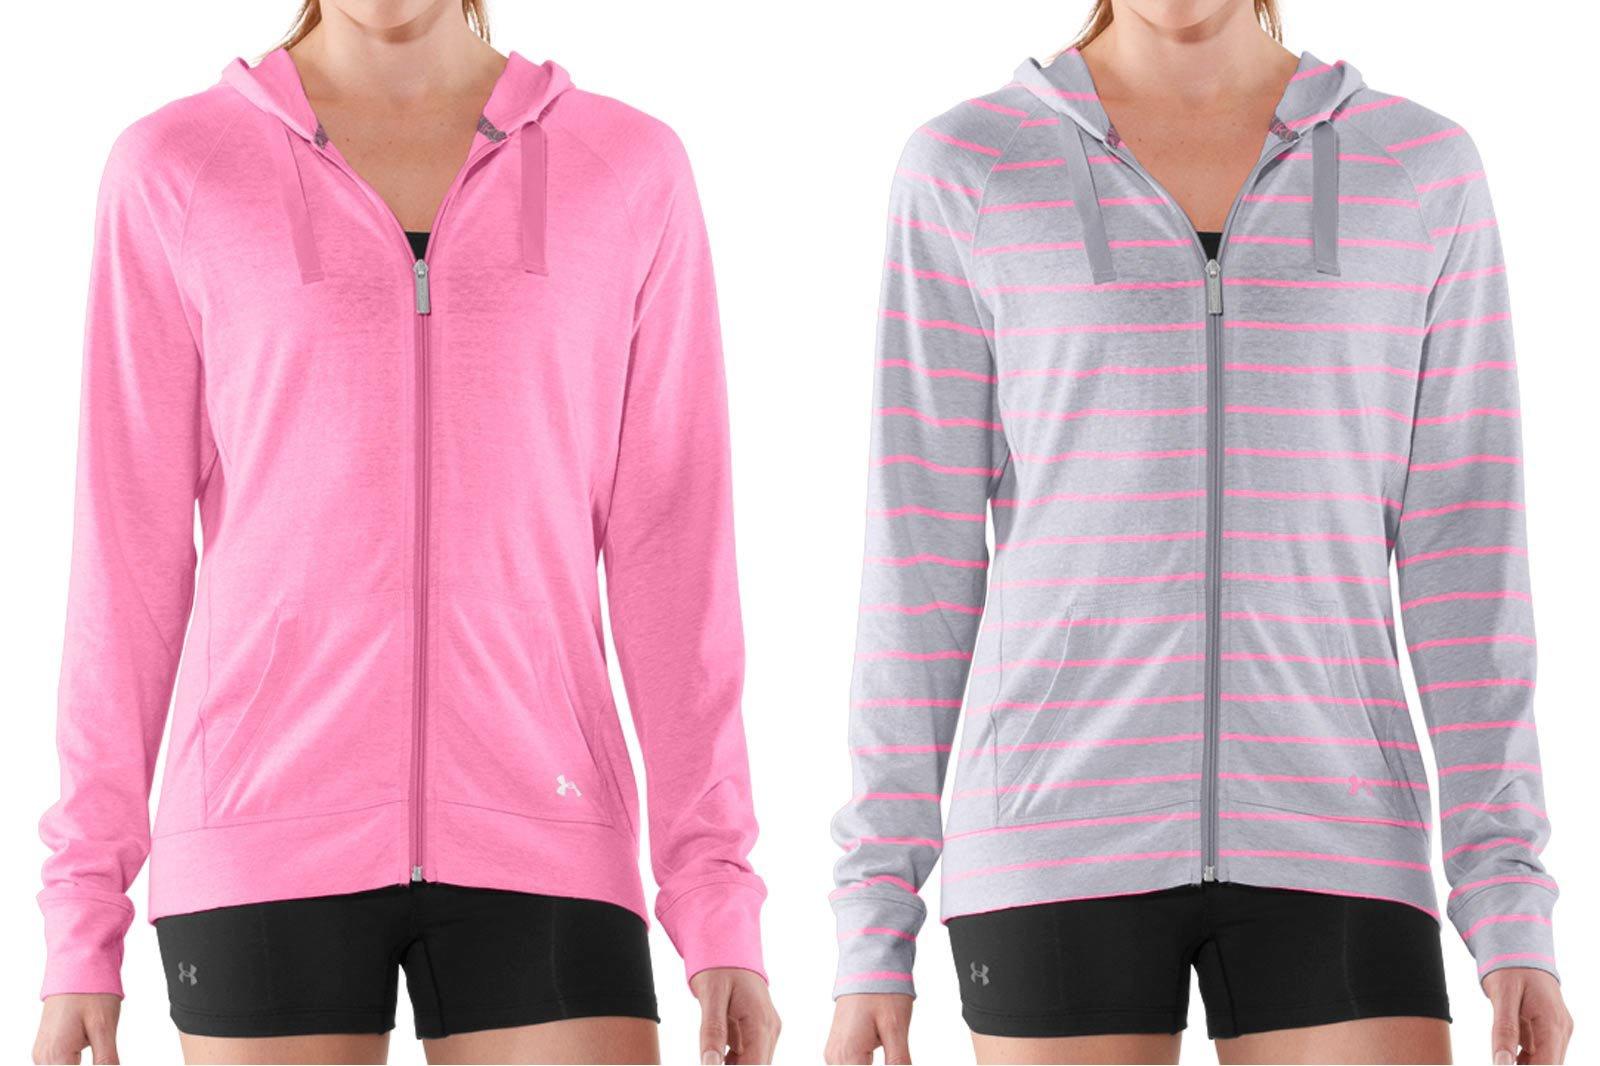 Colorways example - women wearing hoodies